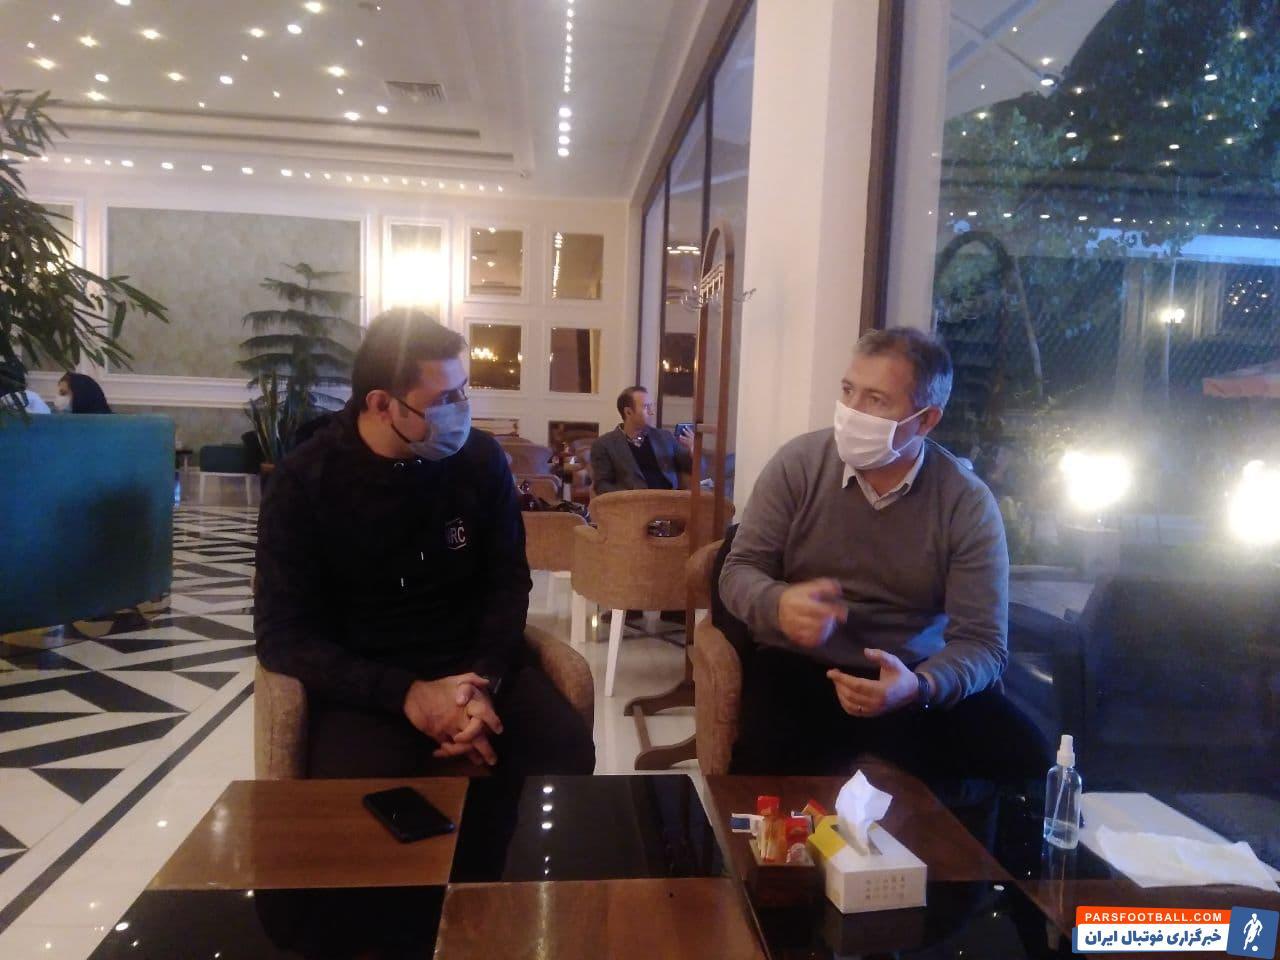 وحید فاضلی ، سرمربی جوان نساجی شب گذشته در هتل المپیک تهران با اسکوچیچ – سرمربی تیم ملی دیدار و گفتگو کرد.